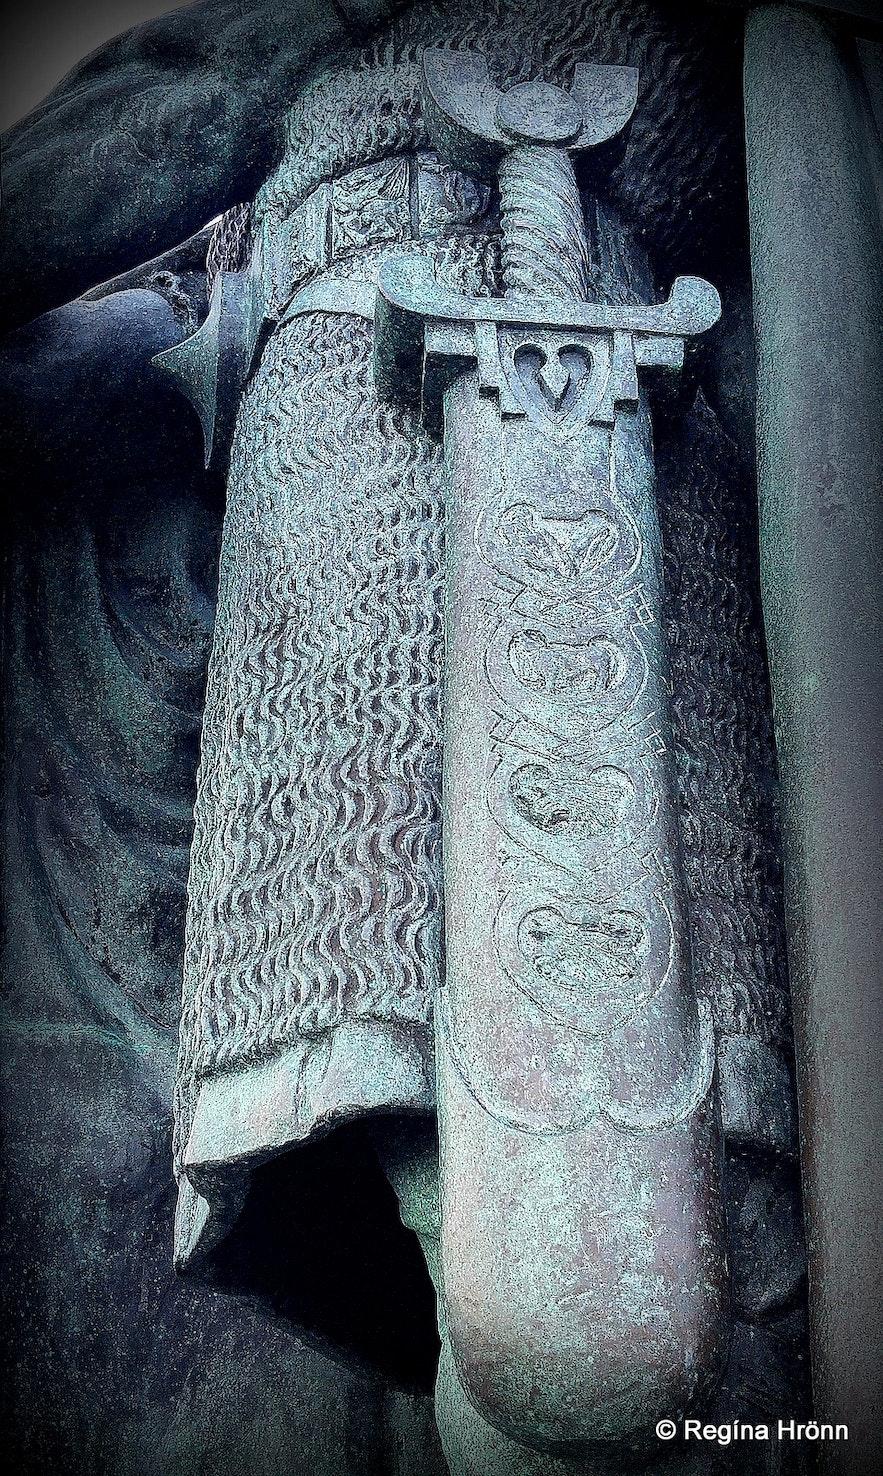 The statue of Þorfinnur karlsefni in Reykjavík